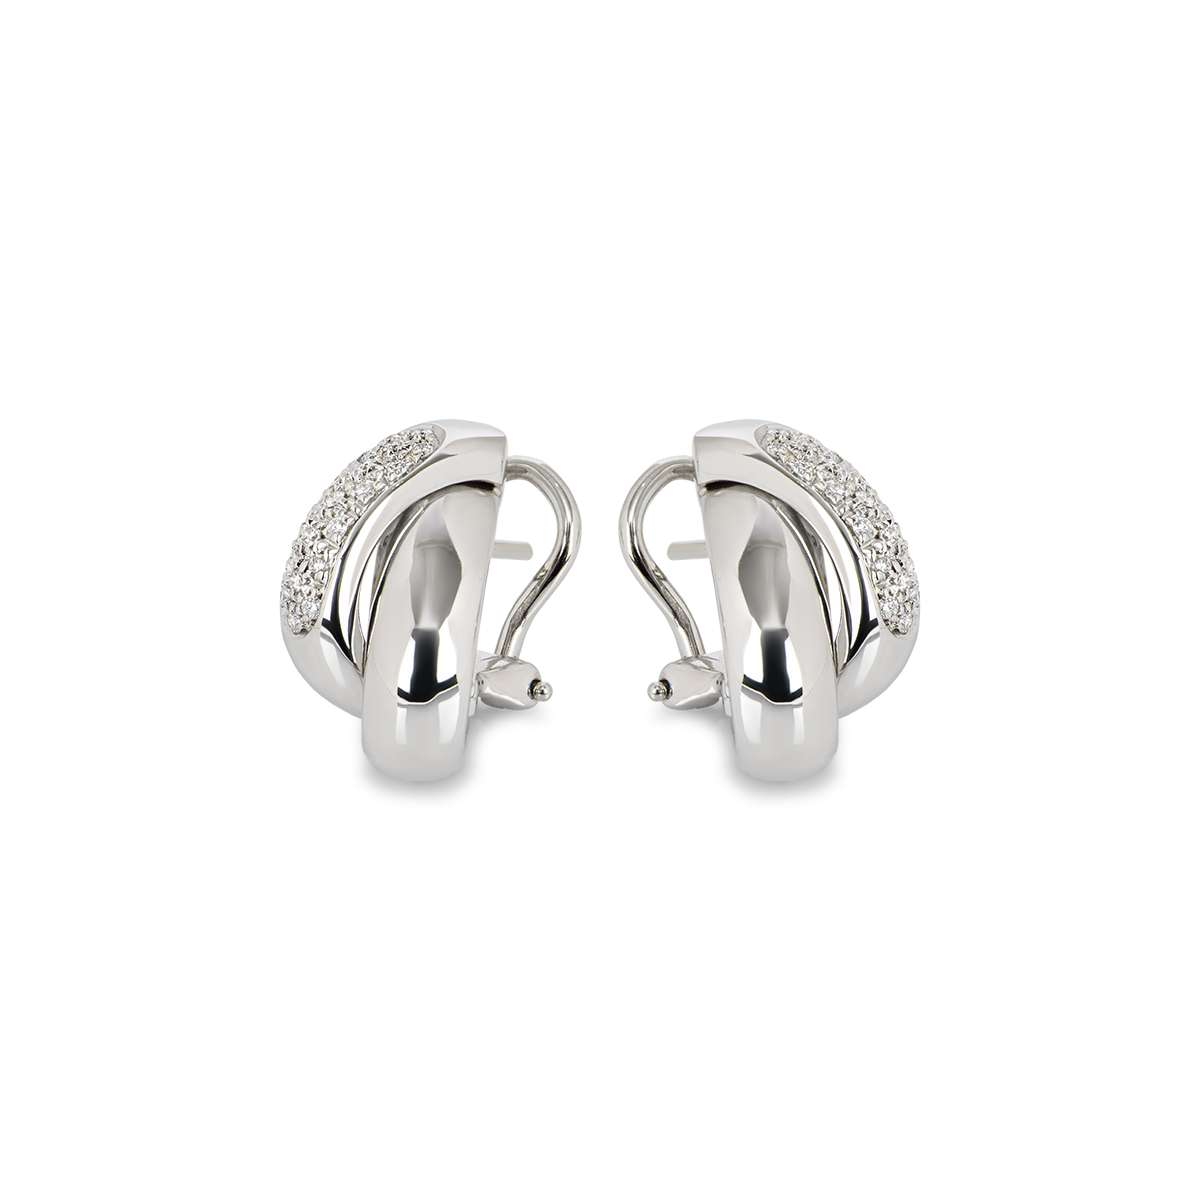 18k White Gold Diamond Earrings 0.50ct G/VS2